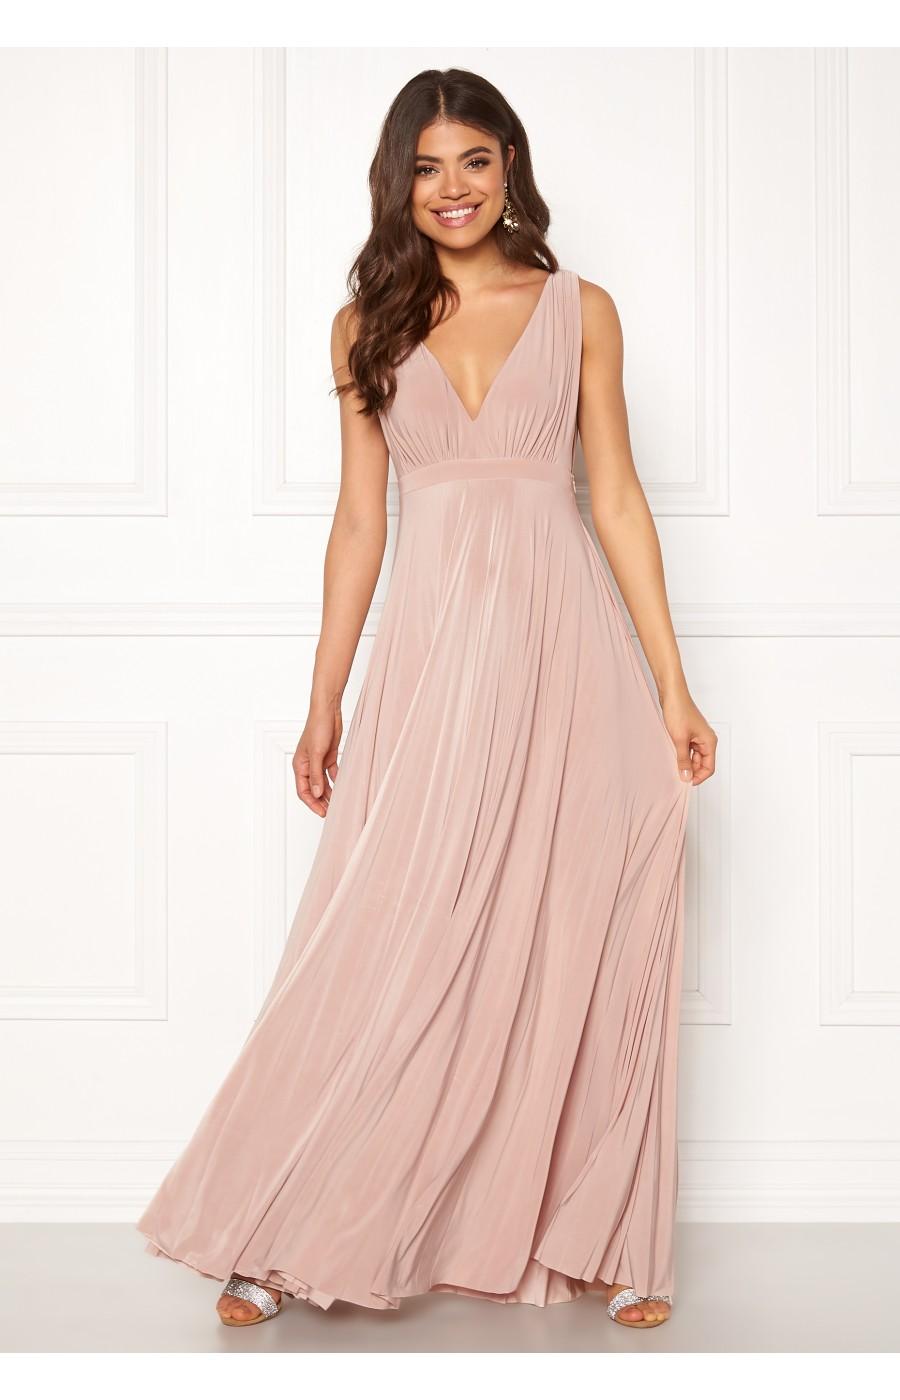 Χυτό μωβ φόρεμα με πλισέ κάτω